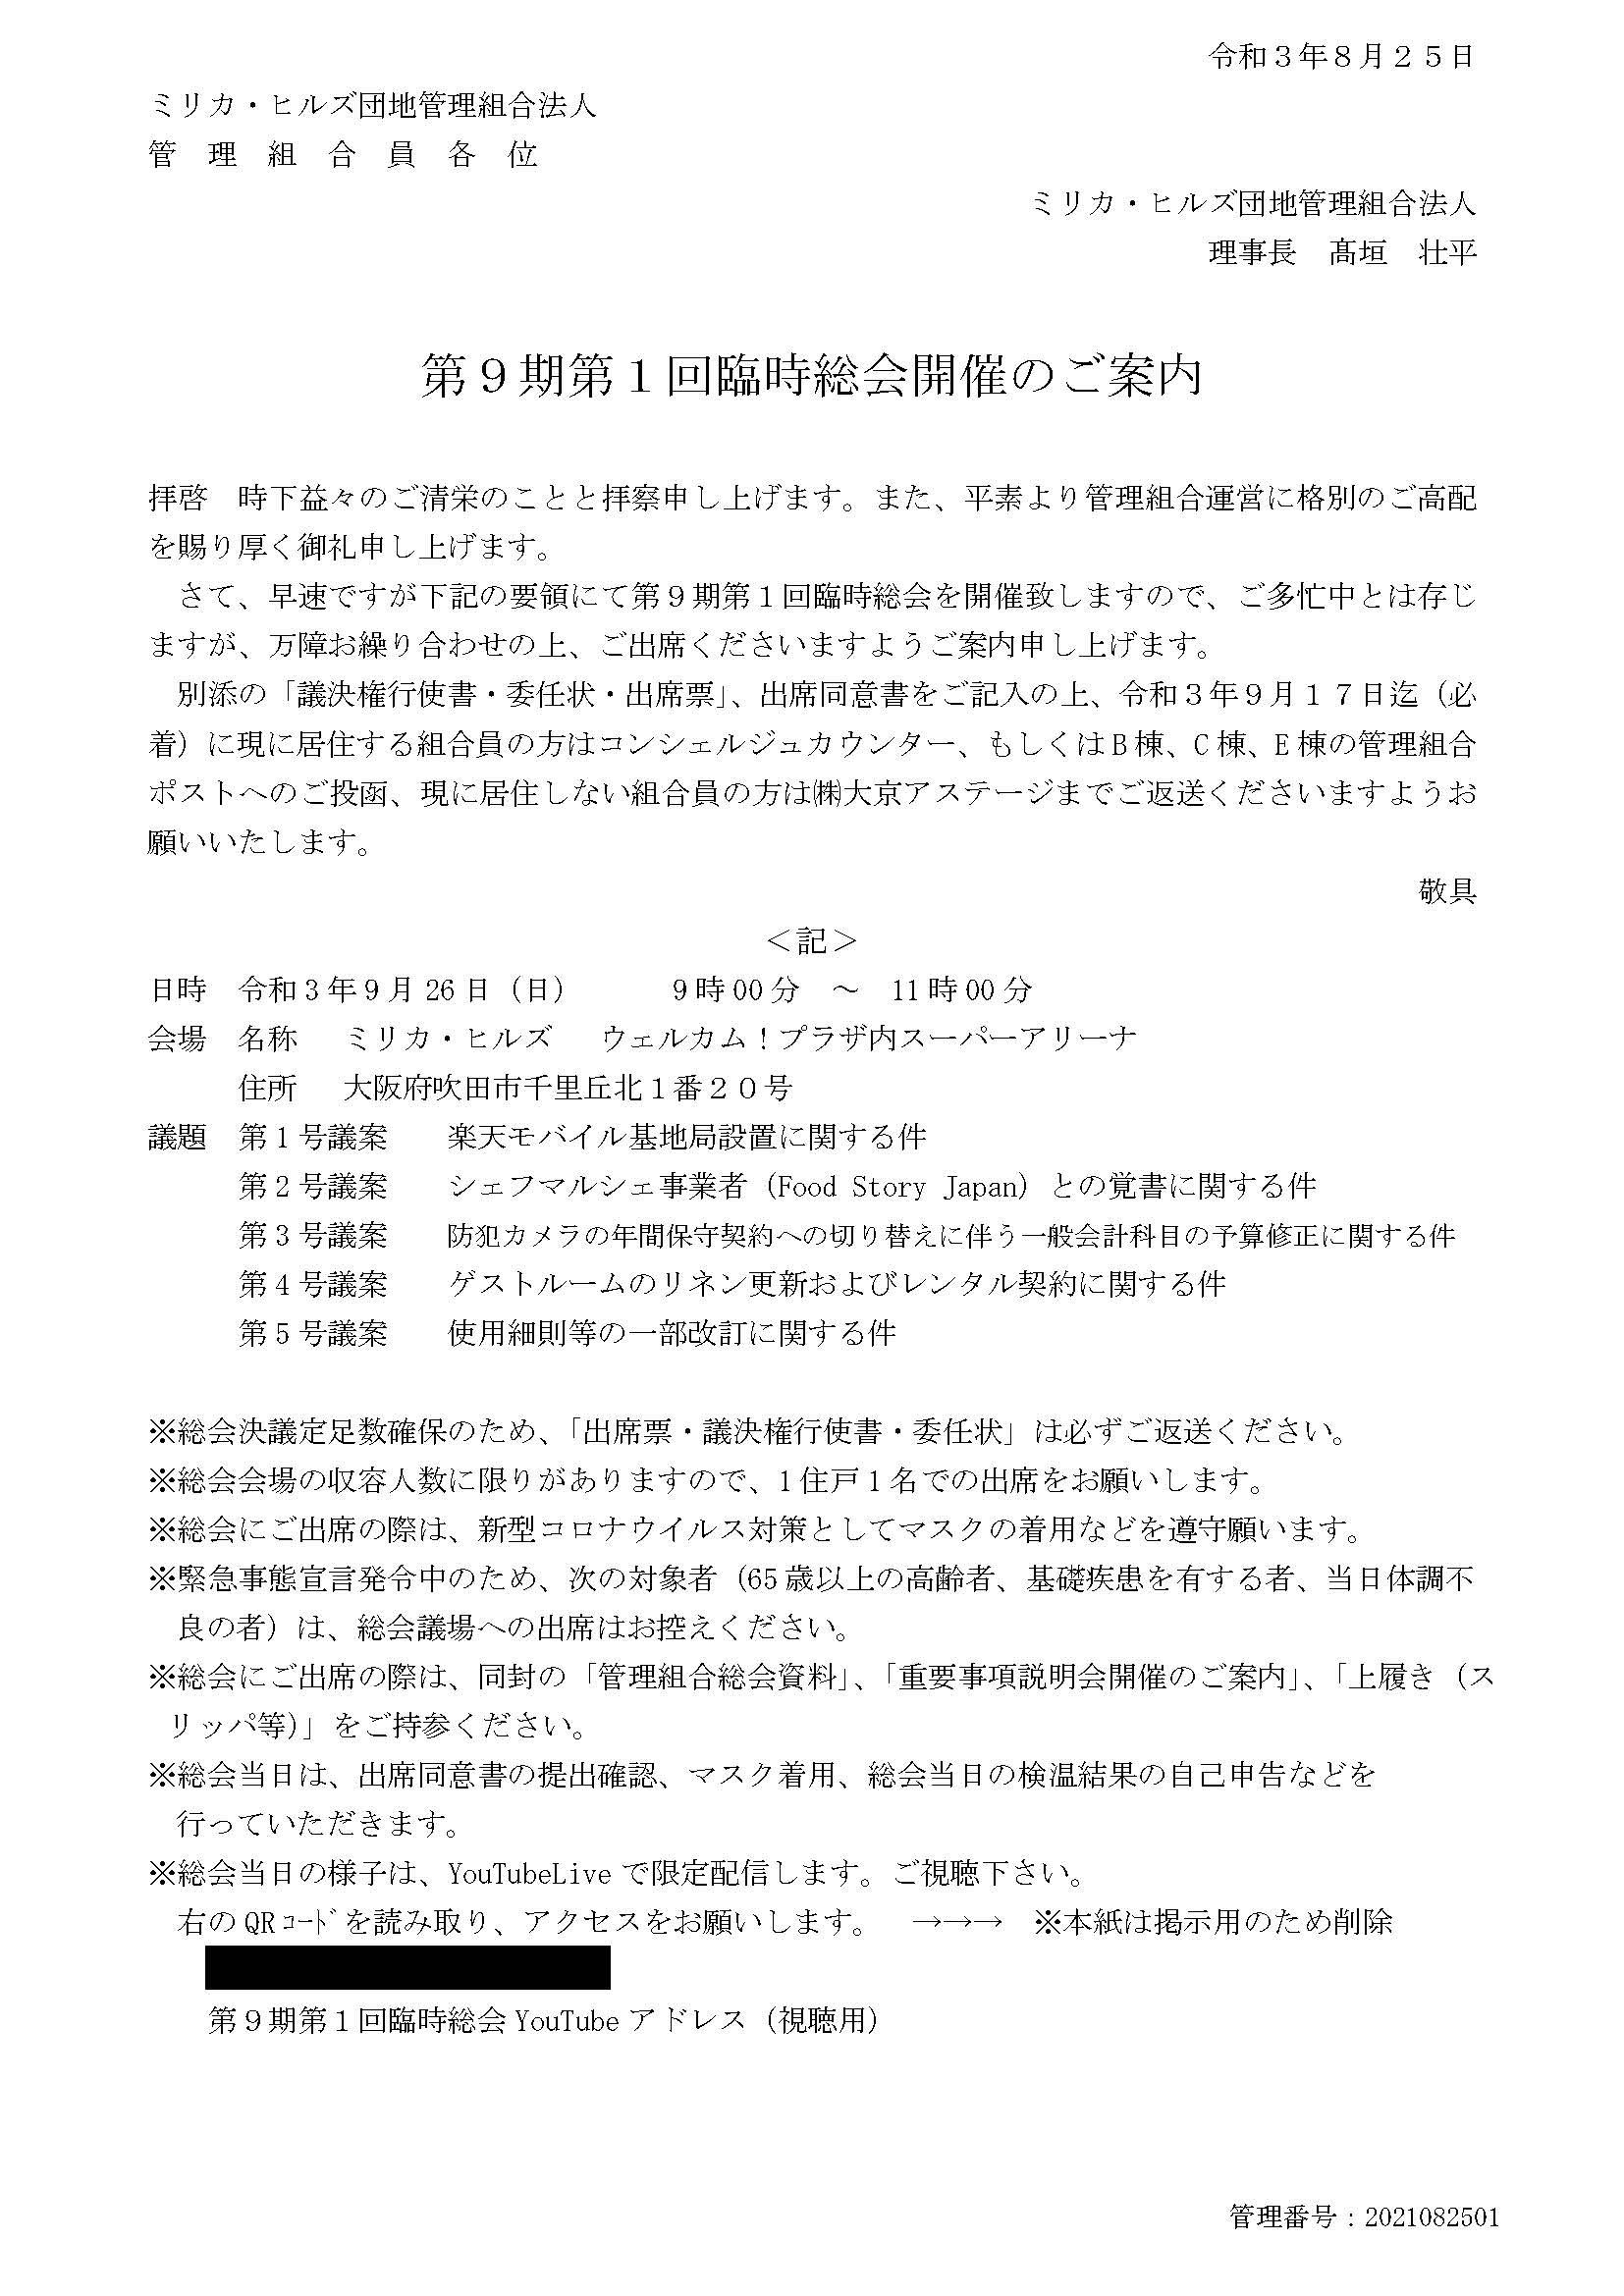 令和3年9月26日(日)に第9期第1回臨時総会を開催します。